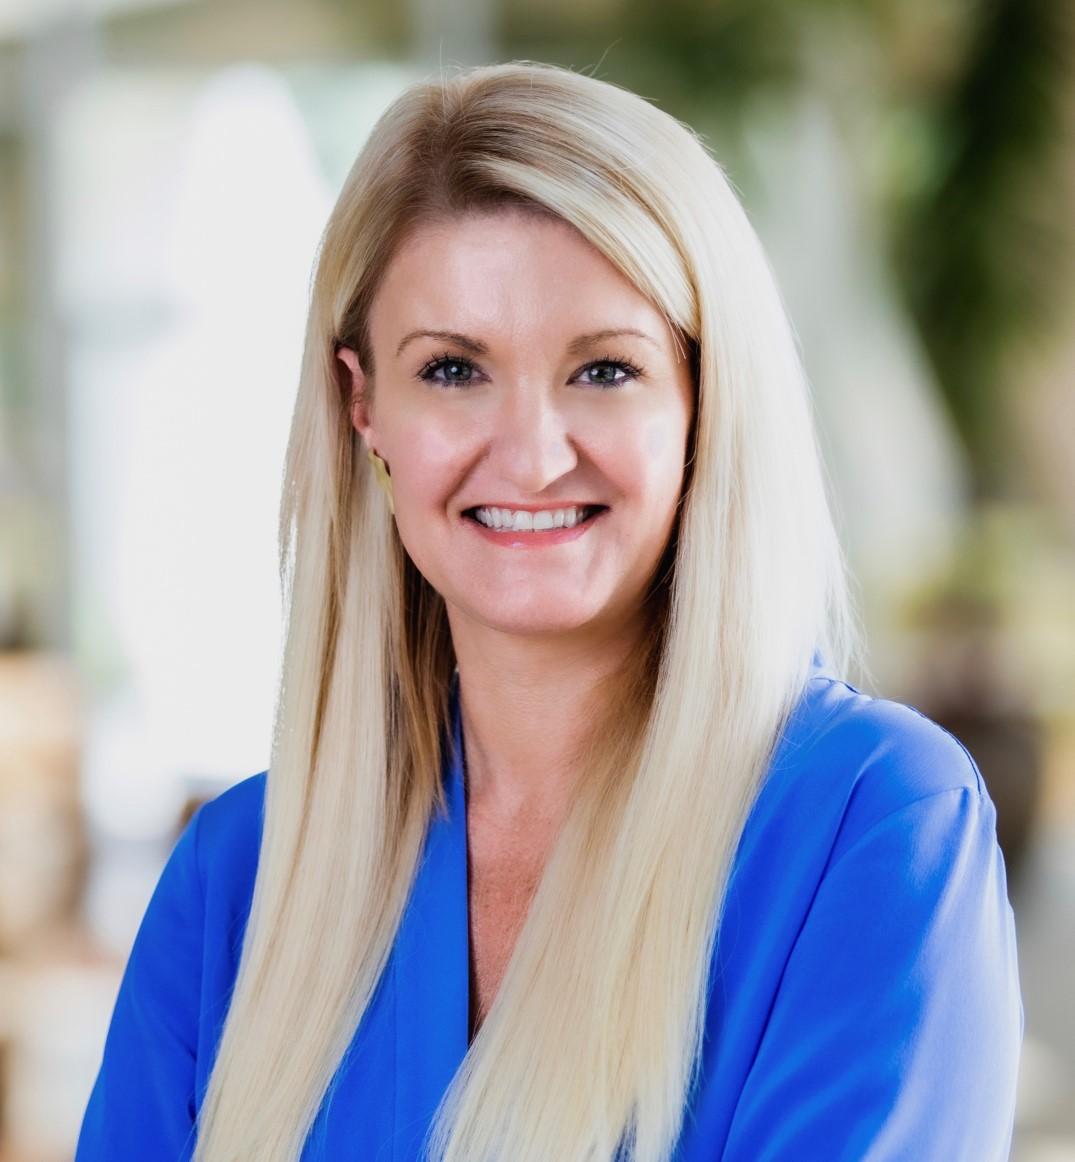 Heather Creel